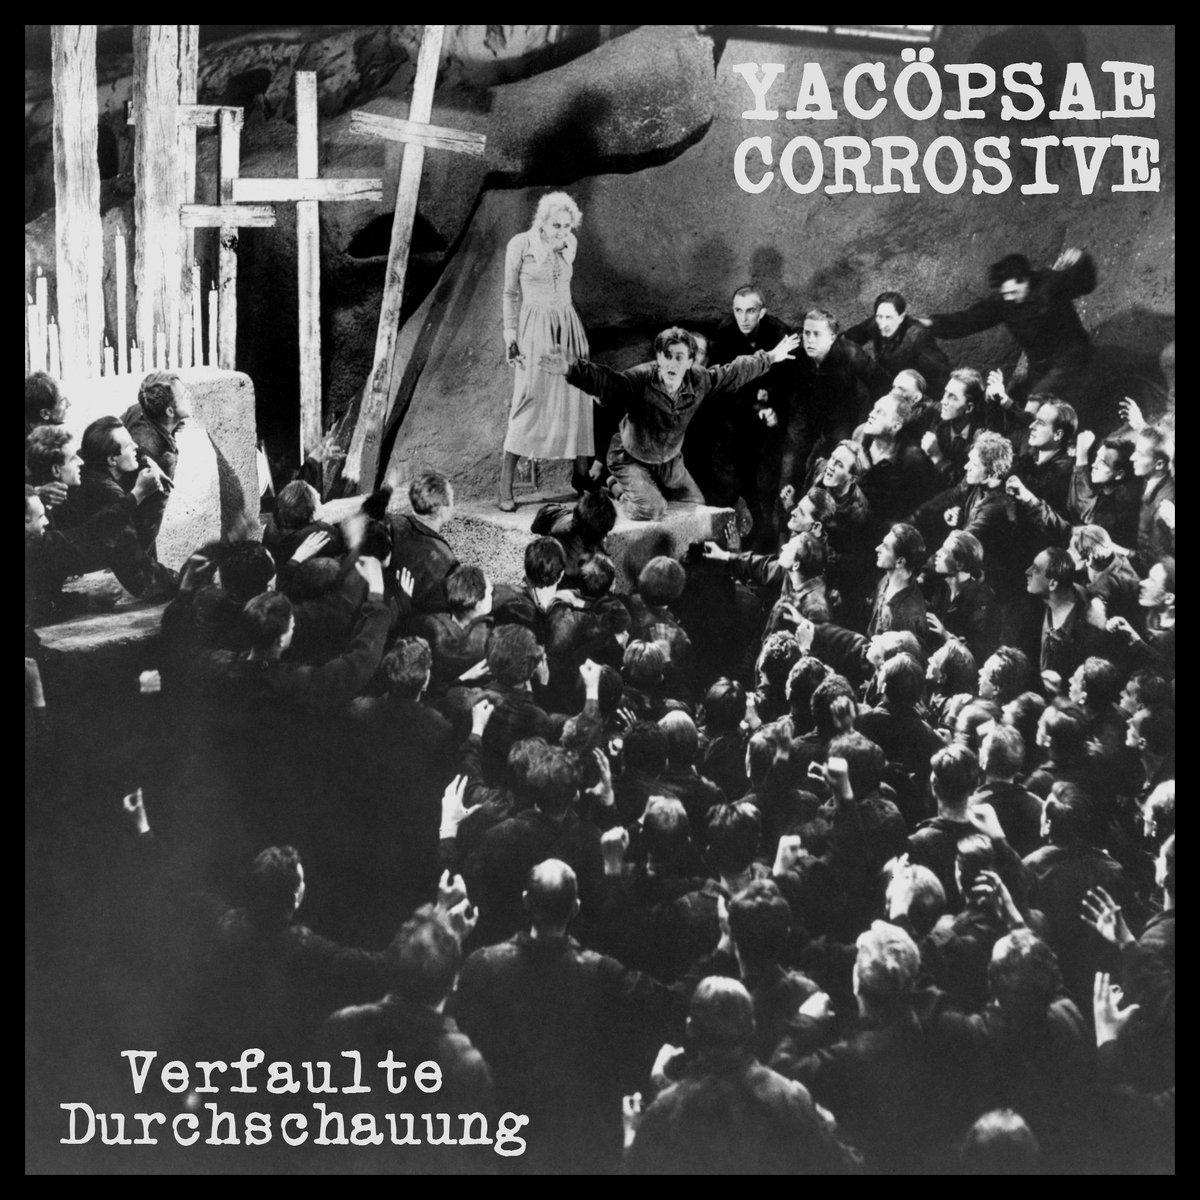 YACÖPSAE / CORROSIVE -